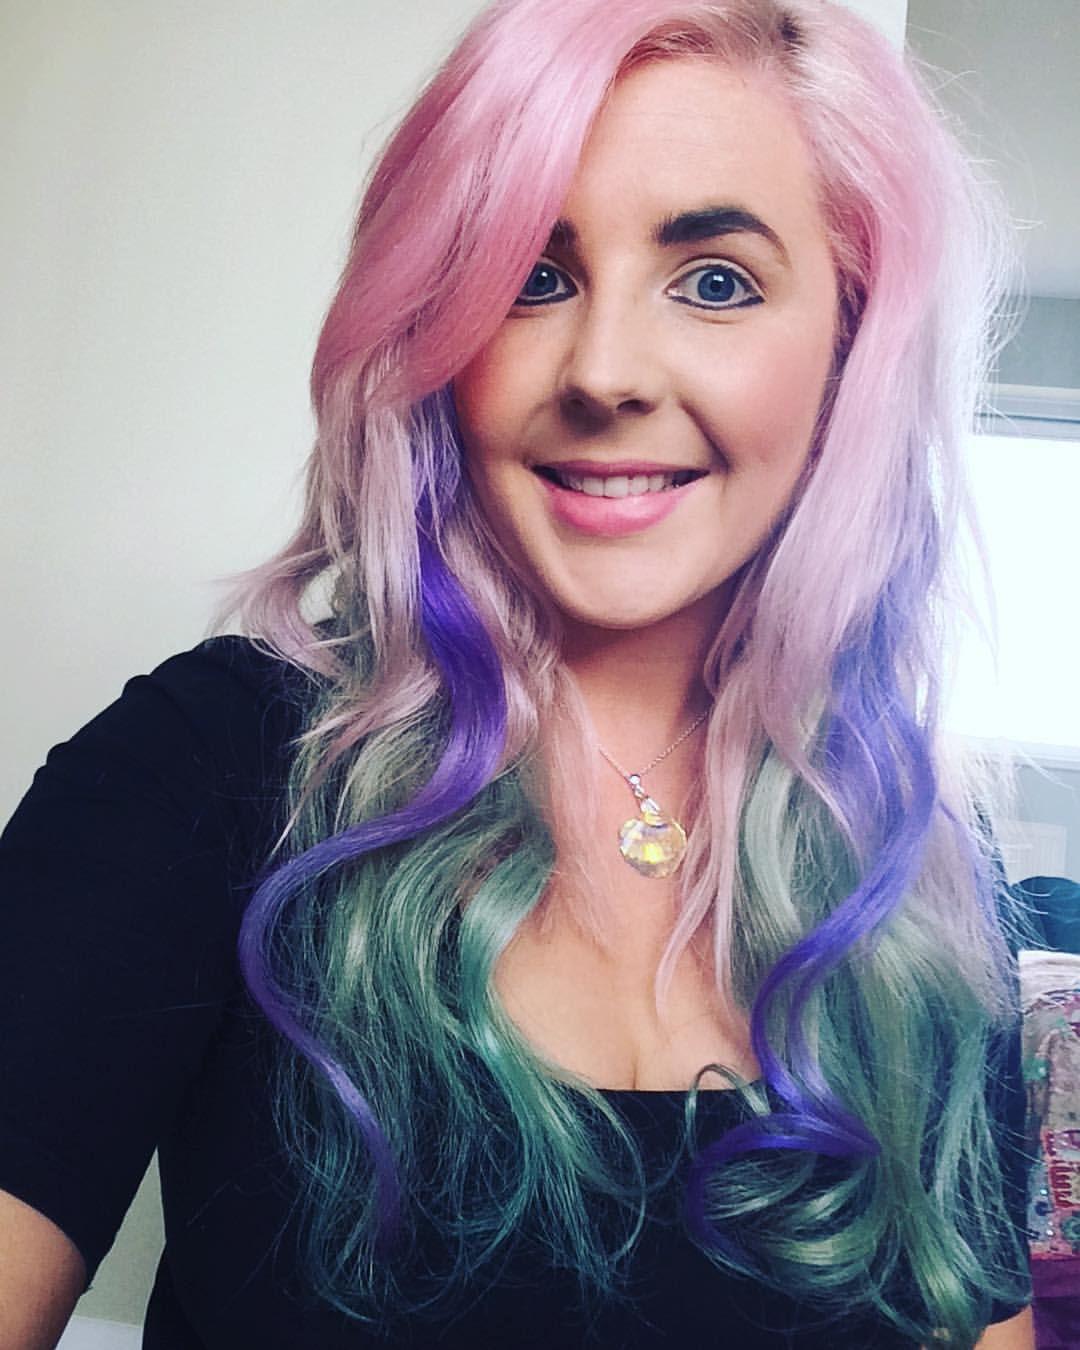 """#rainbowhair #mermaidhair #unicornhair #pastelhair #multicolouredhair"""""""